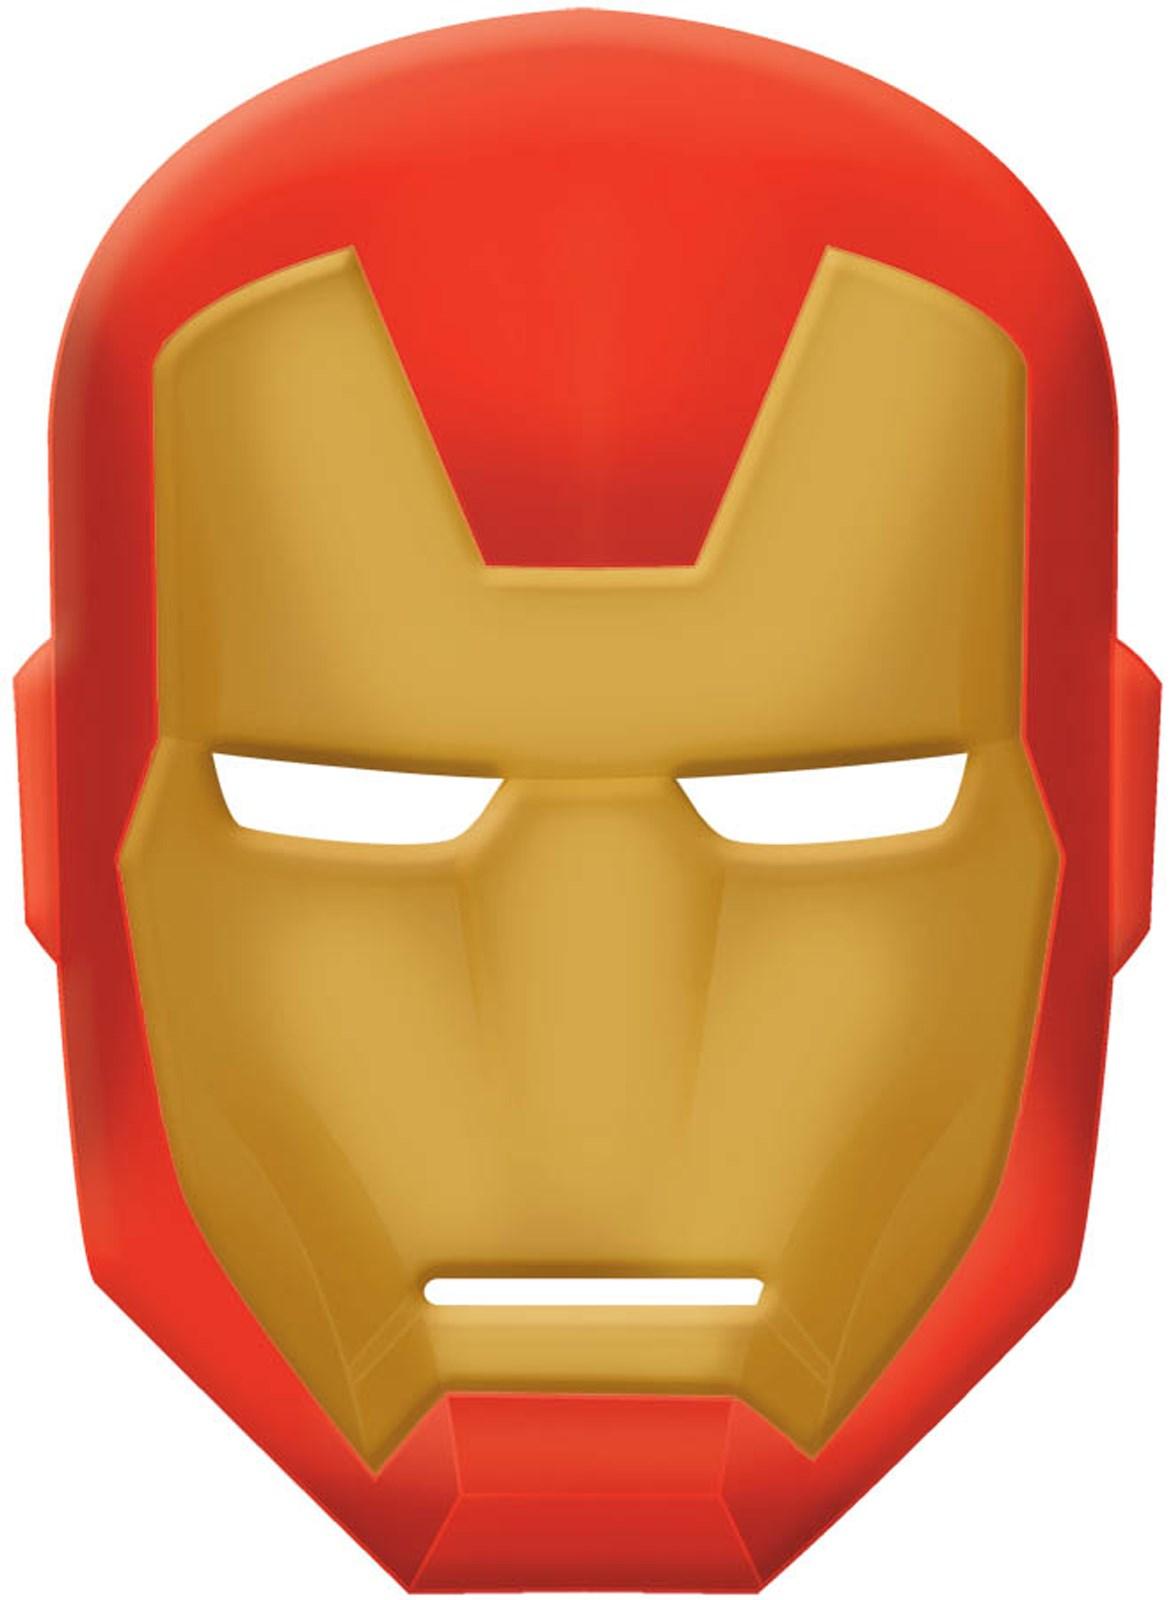 Avengers Assemble Iron Man Mask